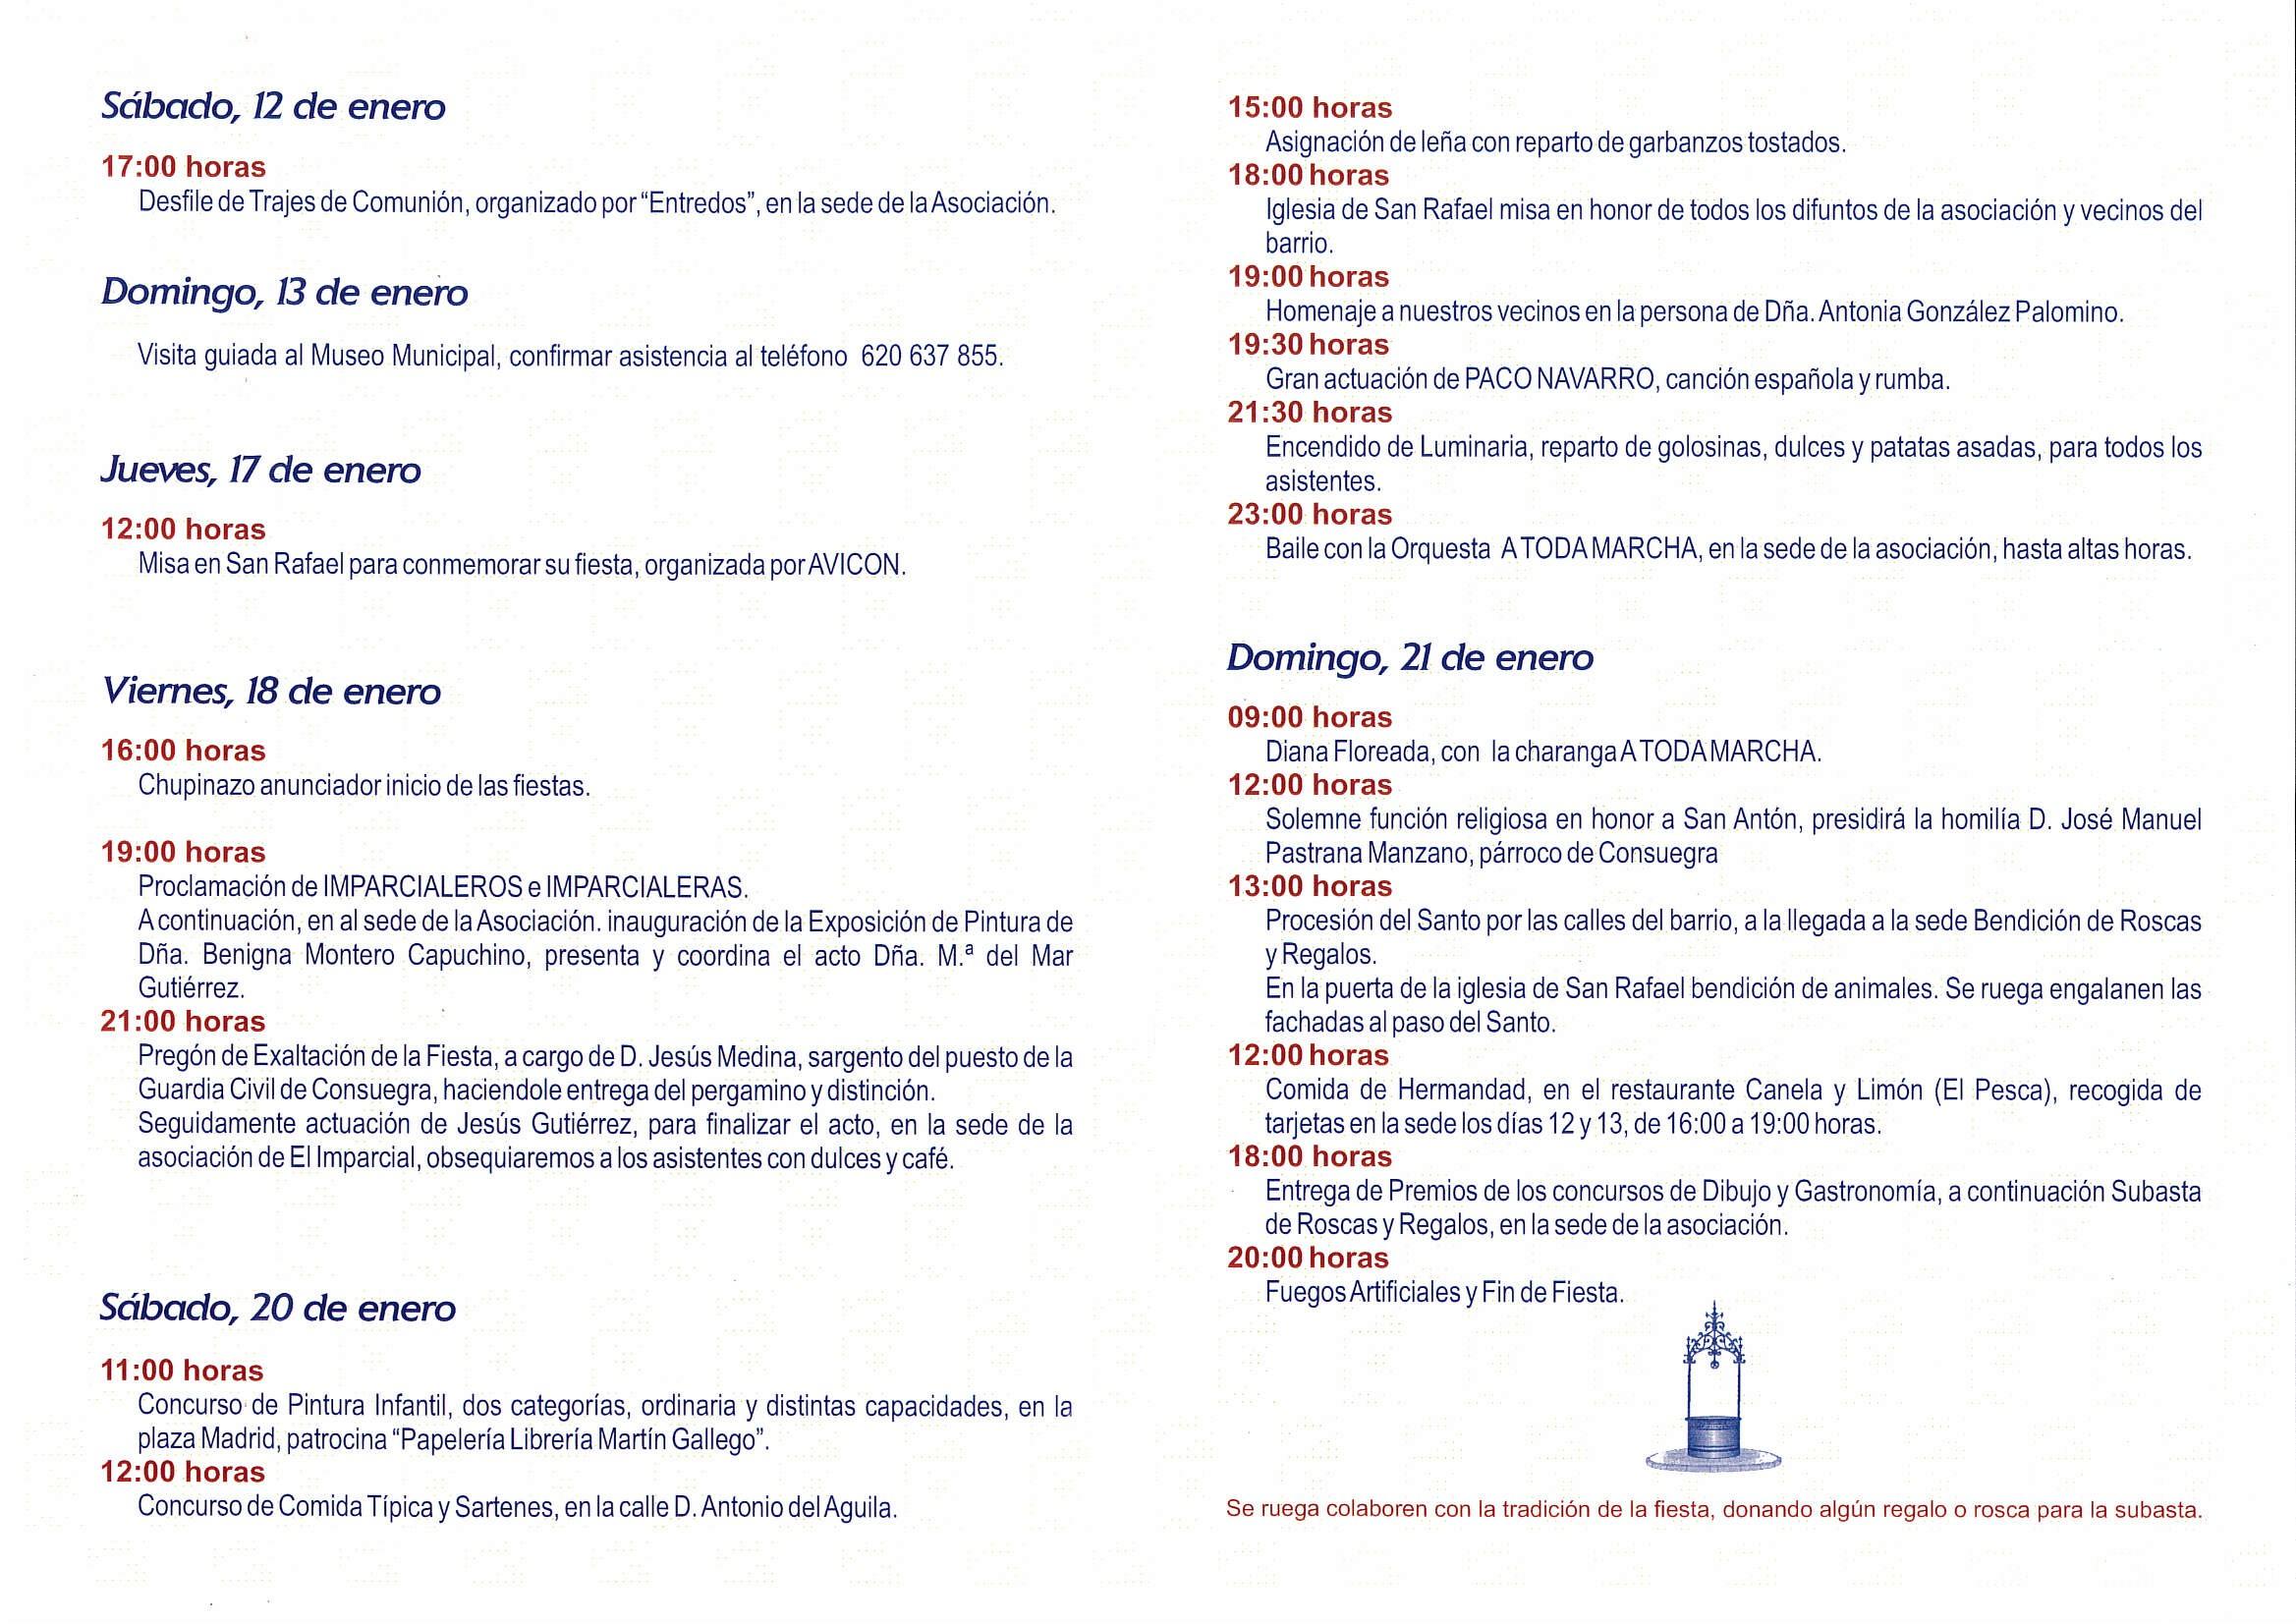 Calendario Febrero 2019 Dias Festivos Más Populares Concurso De Canto De Silvestrismo Libre Ayuntamiento De Consuegra Of Calendario Febrero 2019 Dias Festivos Más Recientes Investigar Descargar Calendario 2019 En Excel